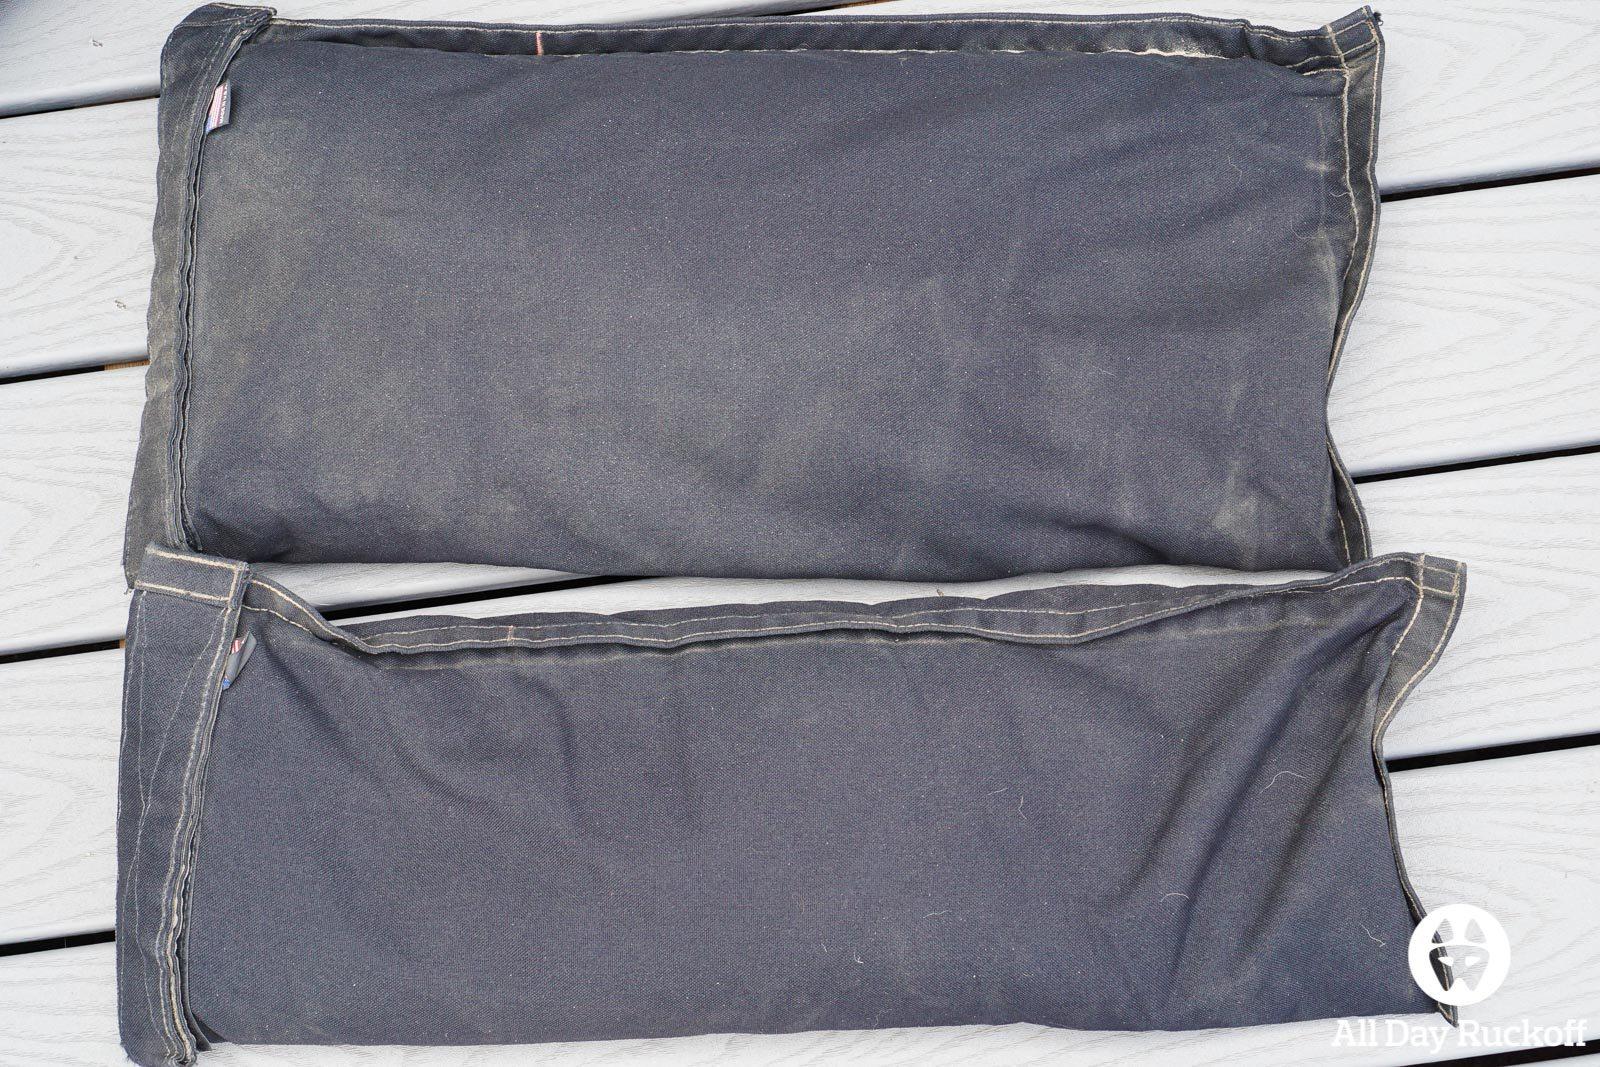 Brute Force Athlete Sandbag - Filler Bags Filled